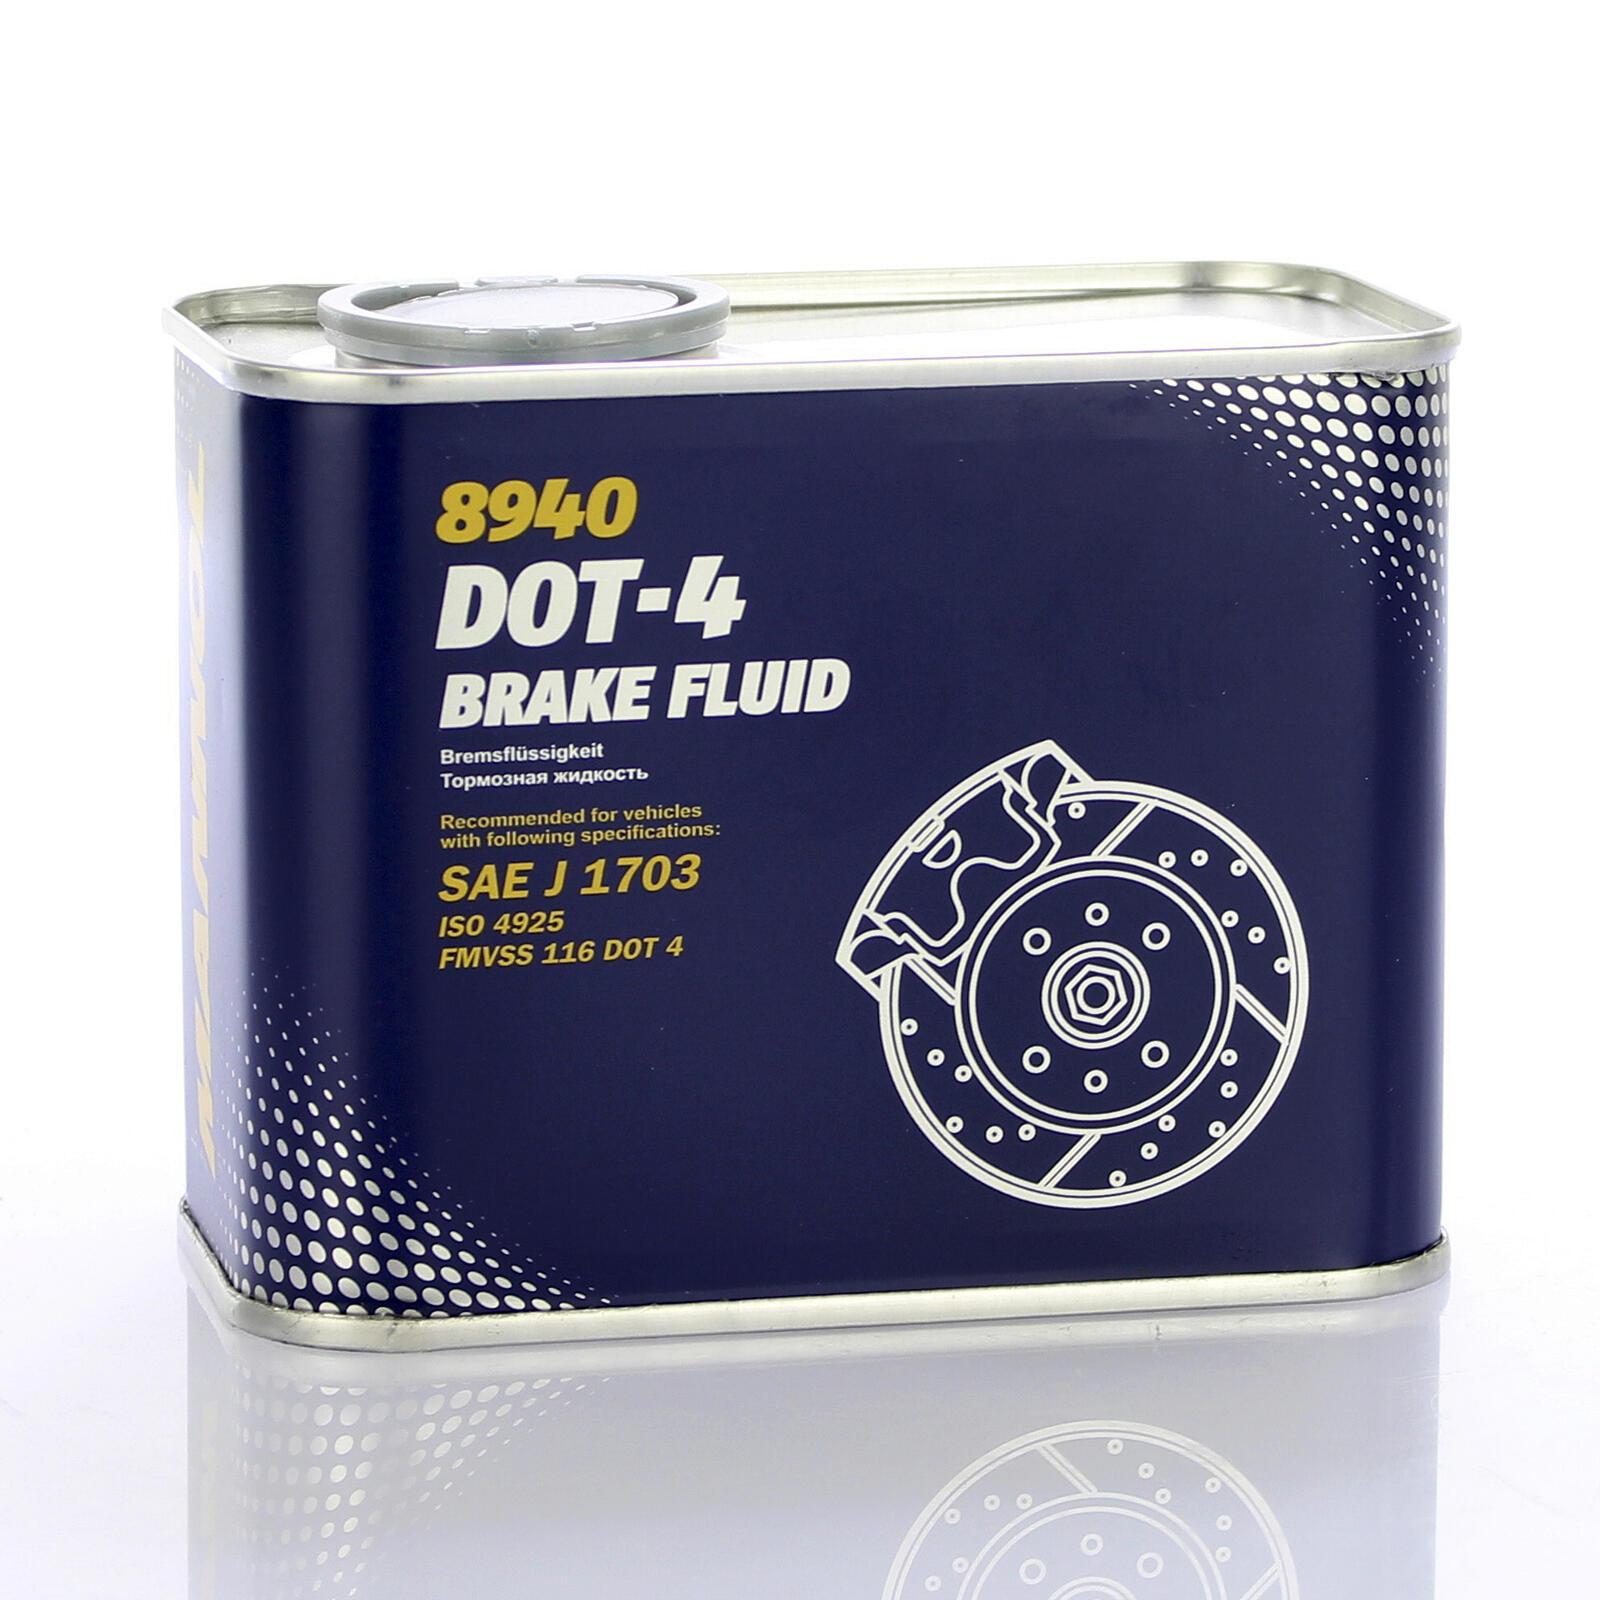 Mannol Bremsflüssigkeit 500ml DOT 4 BRAKE FLUID SAE J 1703